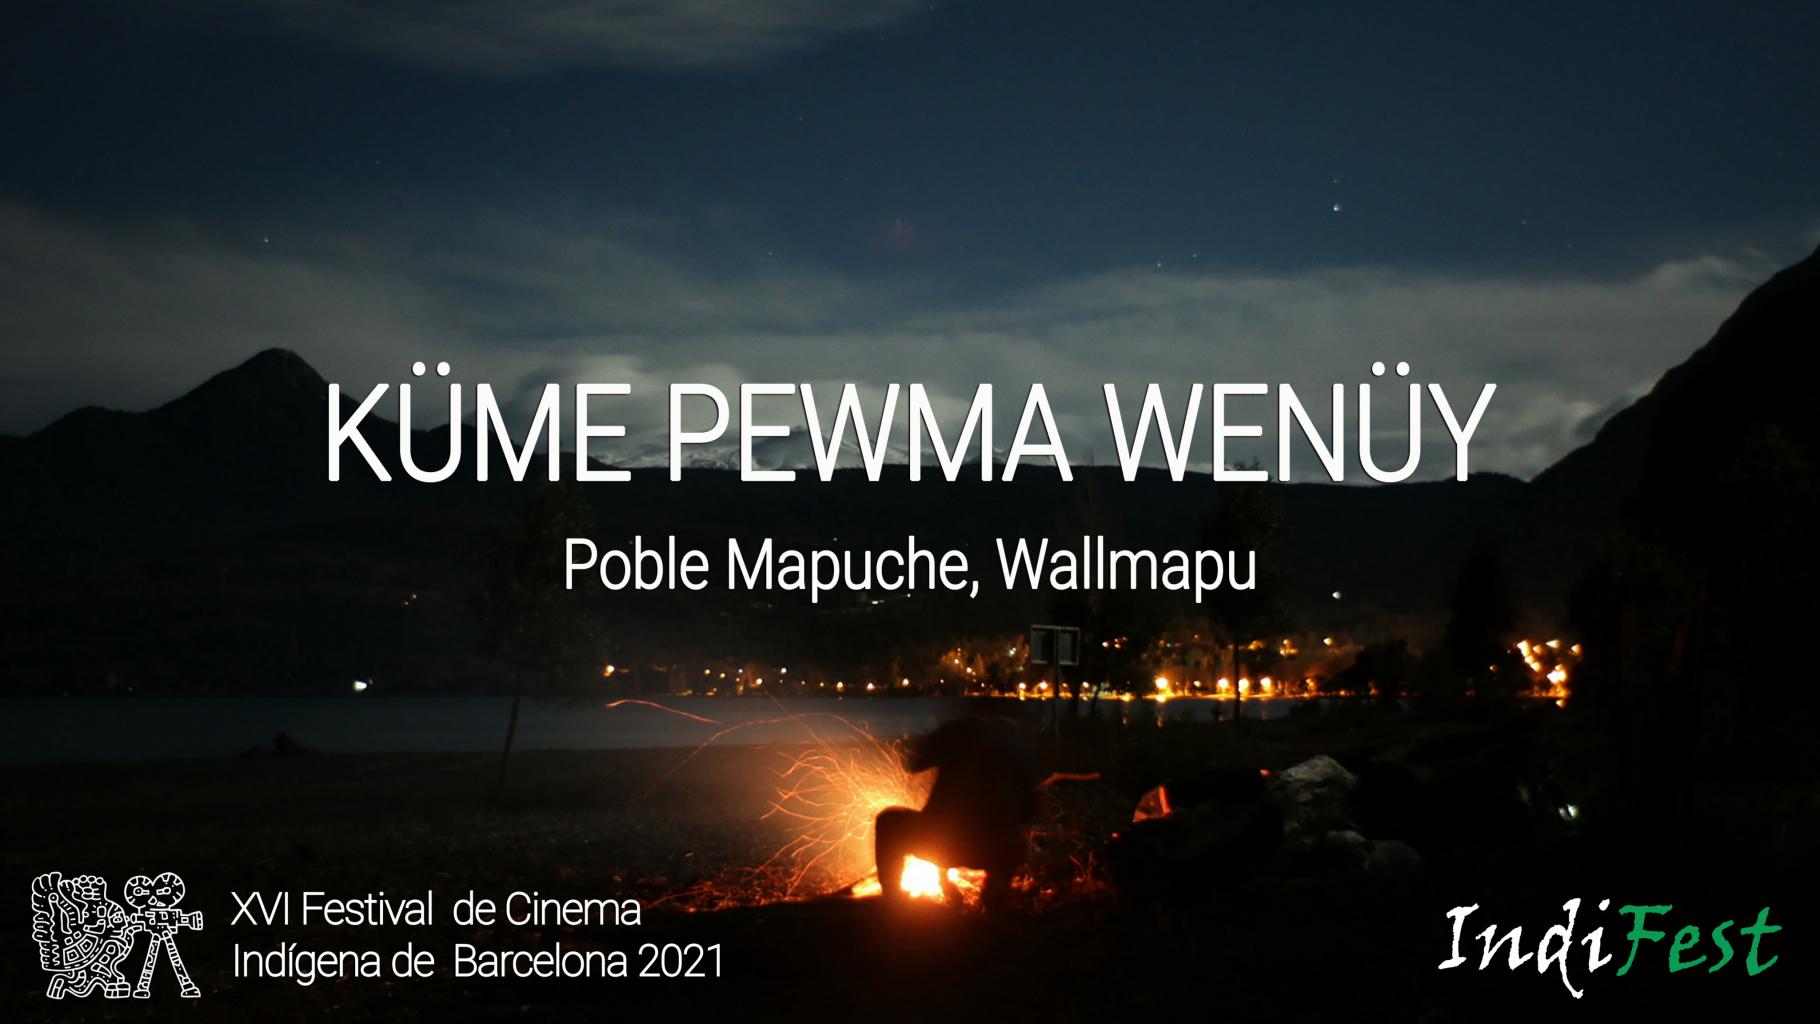 Kume Pewma Wenuy cat